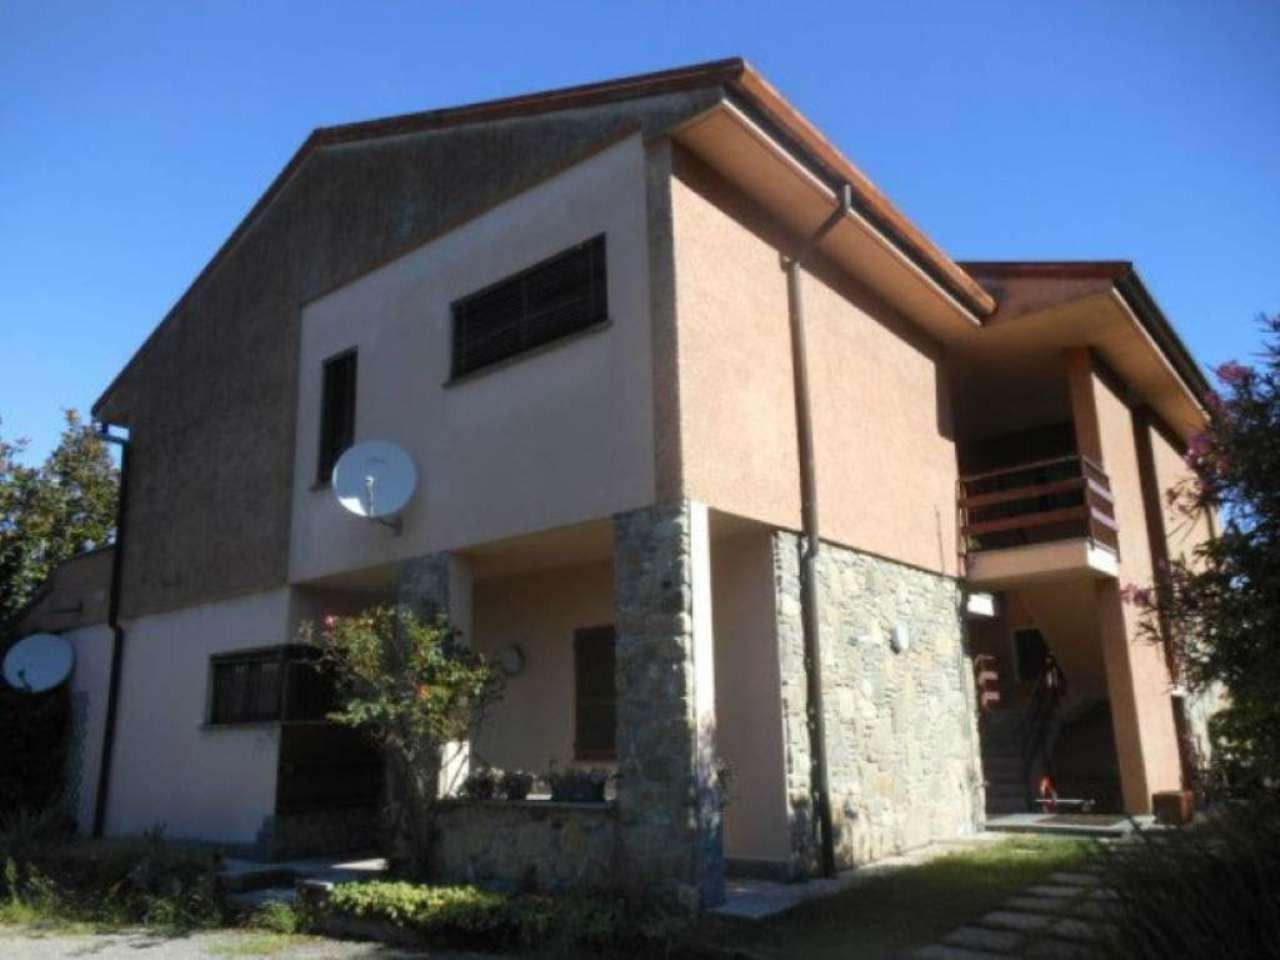 Appartamento in vendita a Porto Valtravaglia, 3 locali, prezzo € 120.000 | Cambio Casa.it